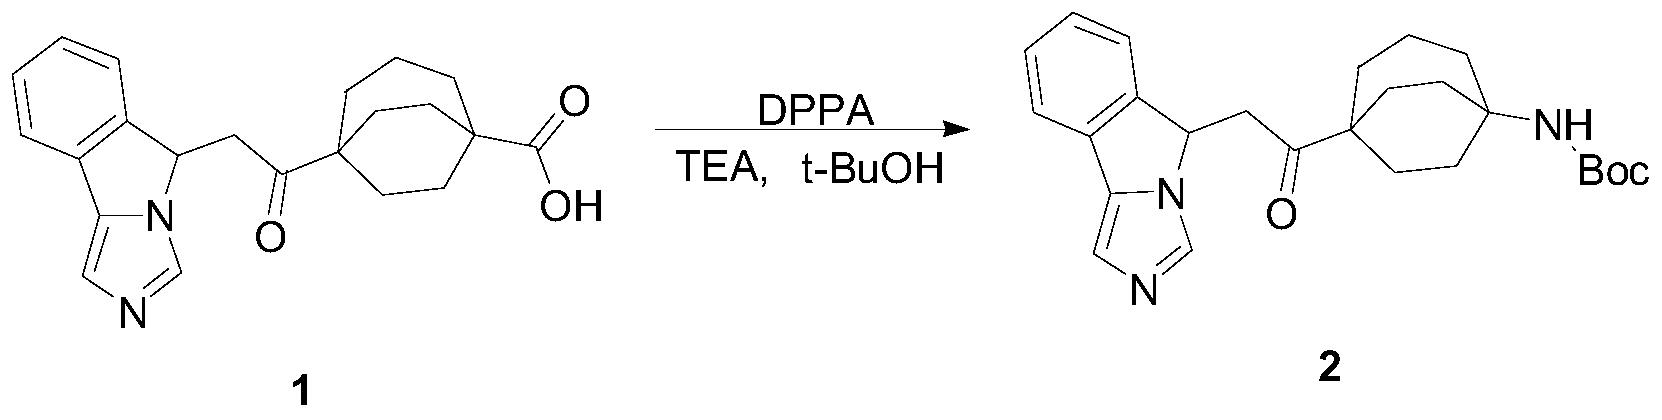 Figure PCTCN2017084604-appb-000154